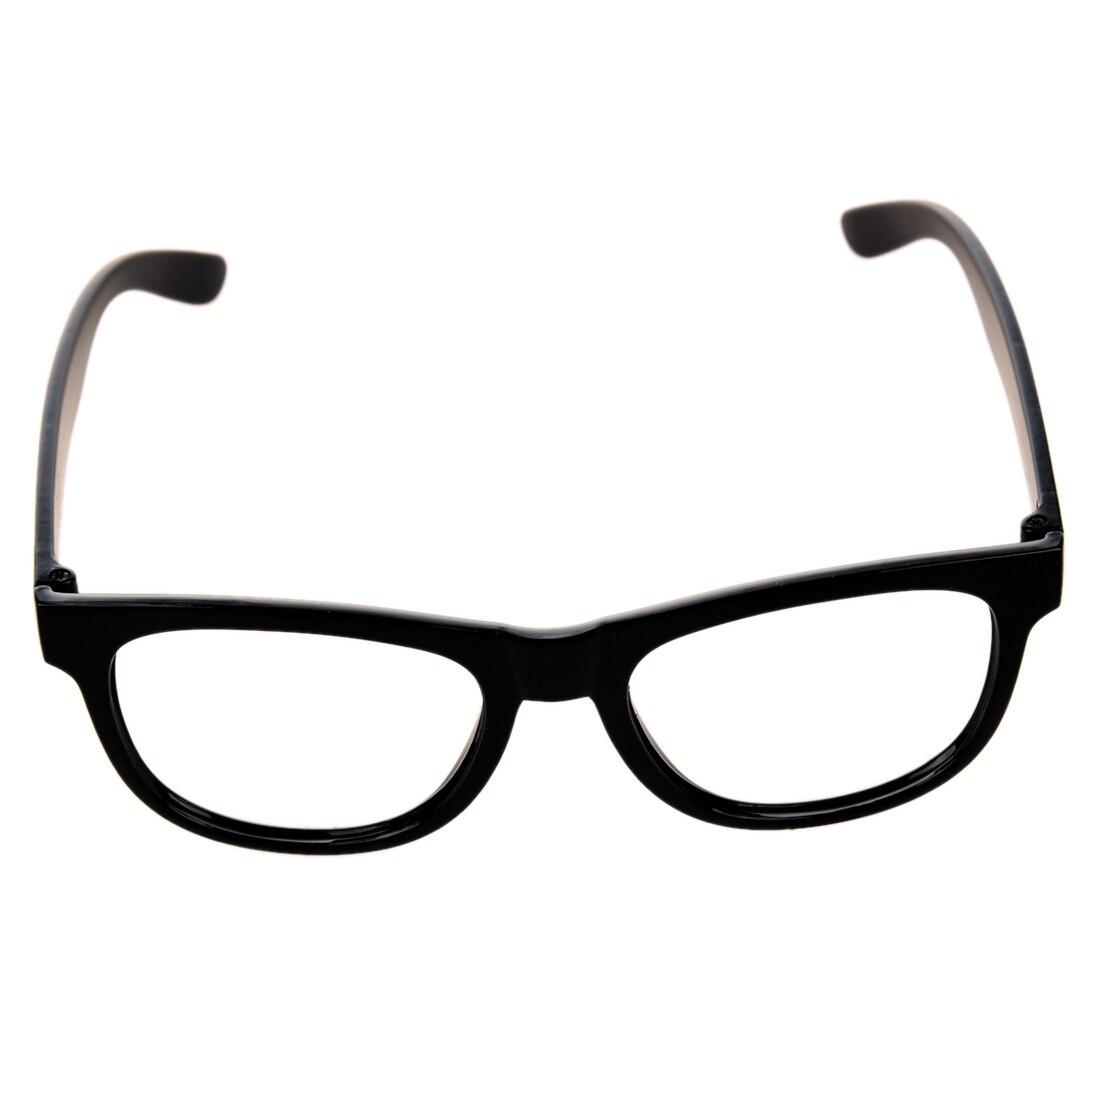 Bergaya Laki laki Perempuan Anak Anak Partai Aksesoris Kacamata Bingkai Ada  Lensa Baru hitam di Kacamata Frame dari Aksesoris Pakaian AliExpress.com ... e35e9afacc